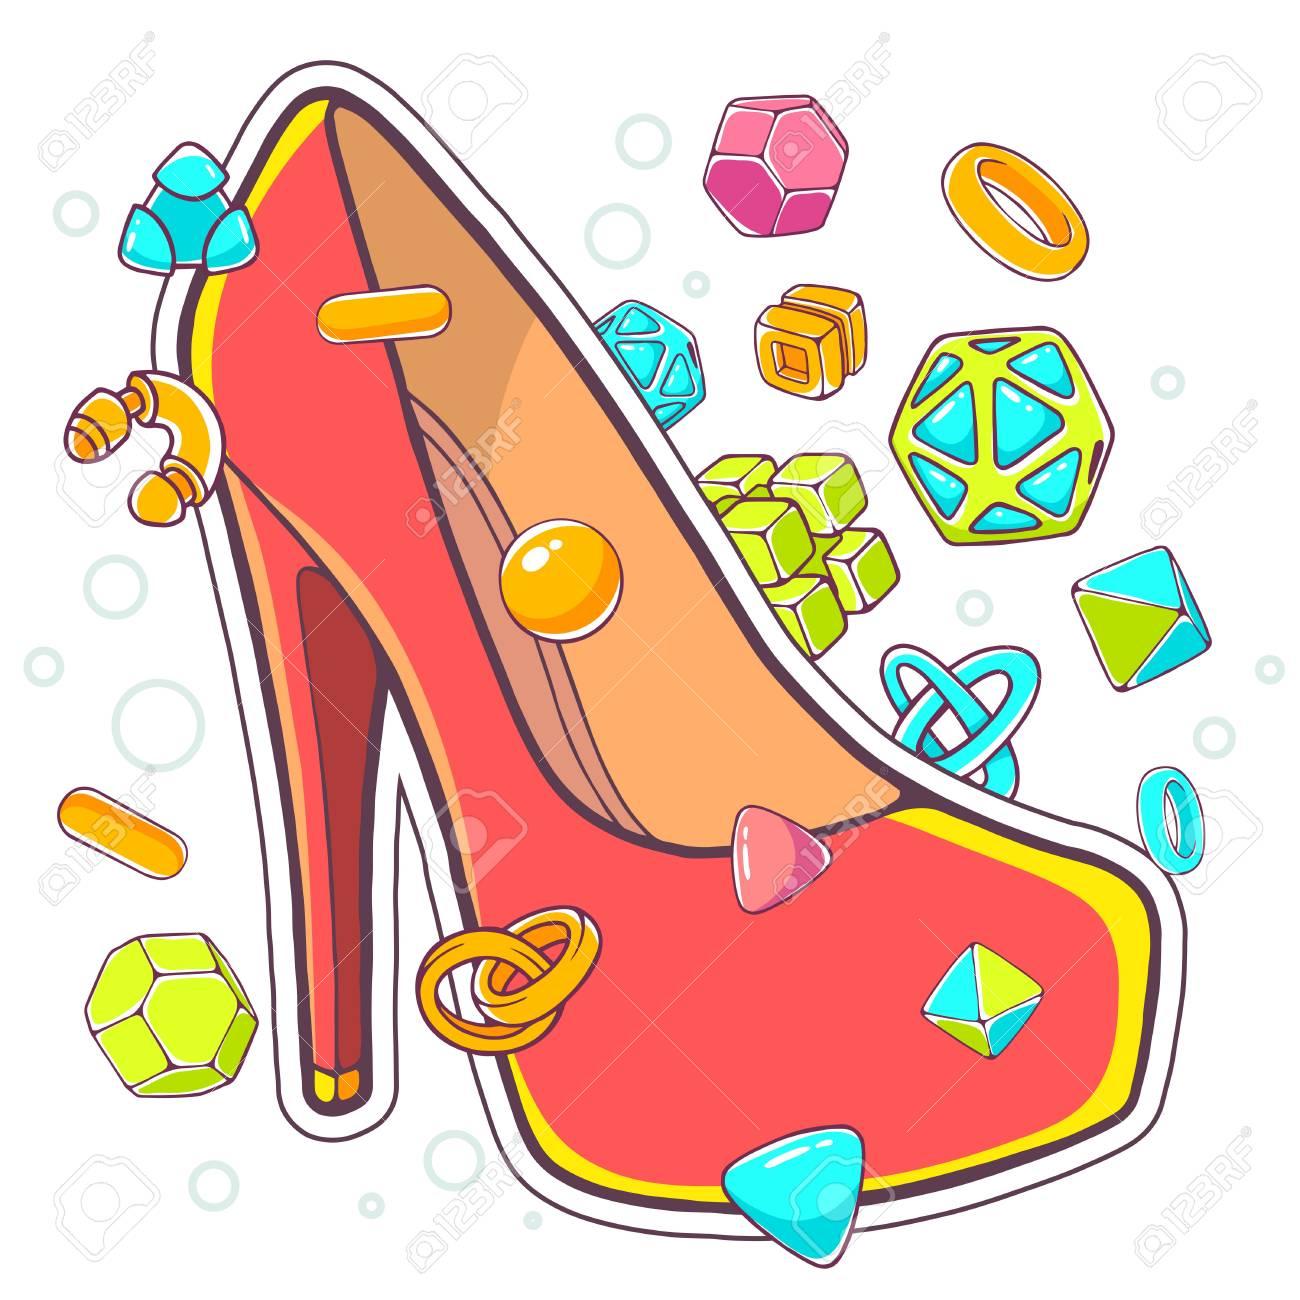 b3a8df4d Vector Ilustración Colorida De Zapatos De Mujer De Color Rojo Sobre Fondo  Blanco Con Elementos Abstractos. El Diseño Del Arte Línea De Drenaje De La  Mano ...